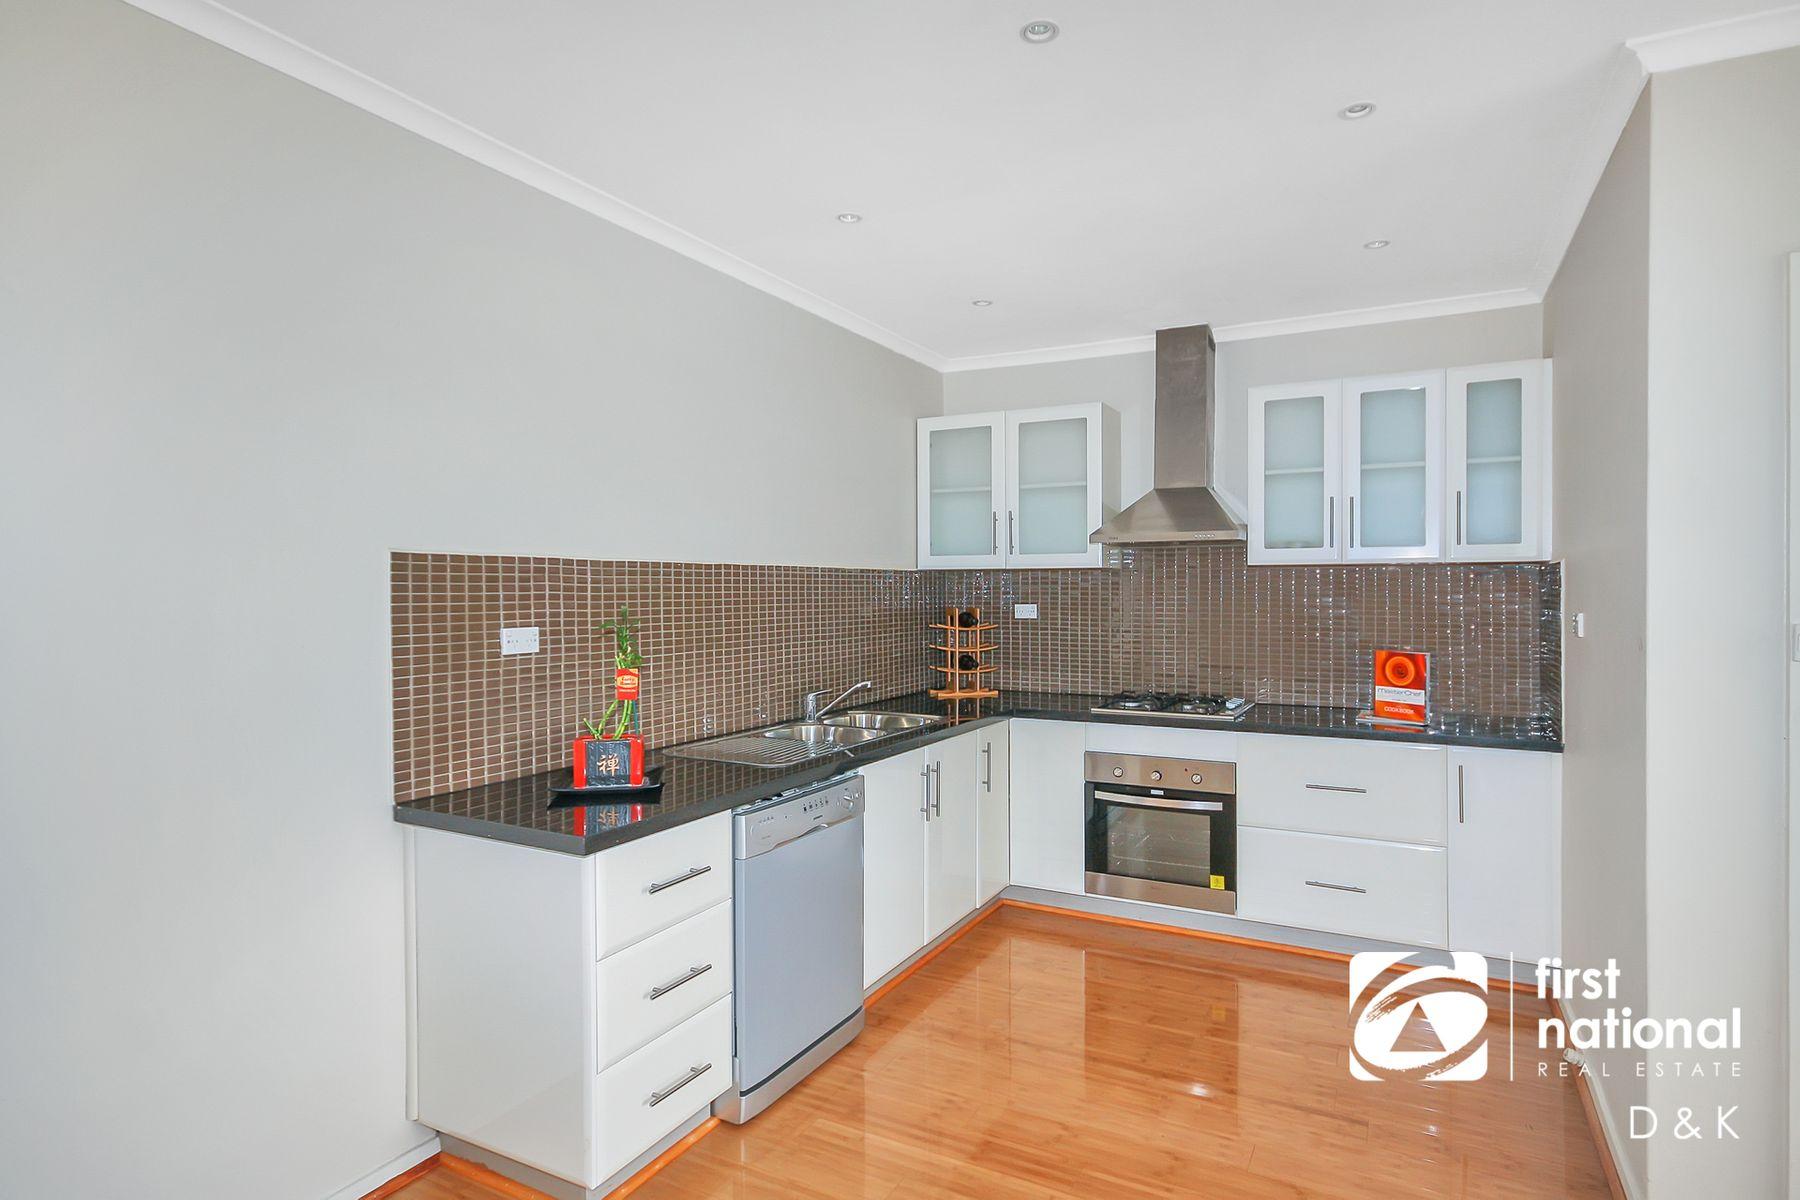 30/437 Ballarat Road, Sunshine, VIC 3020